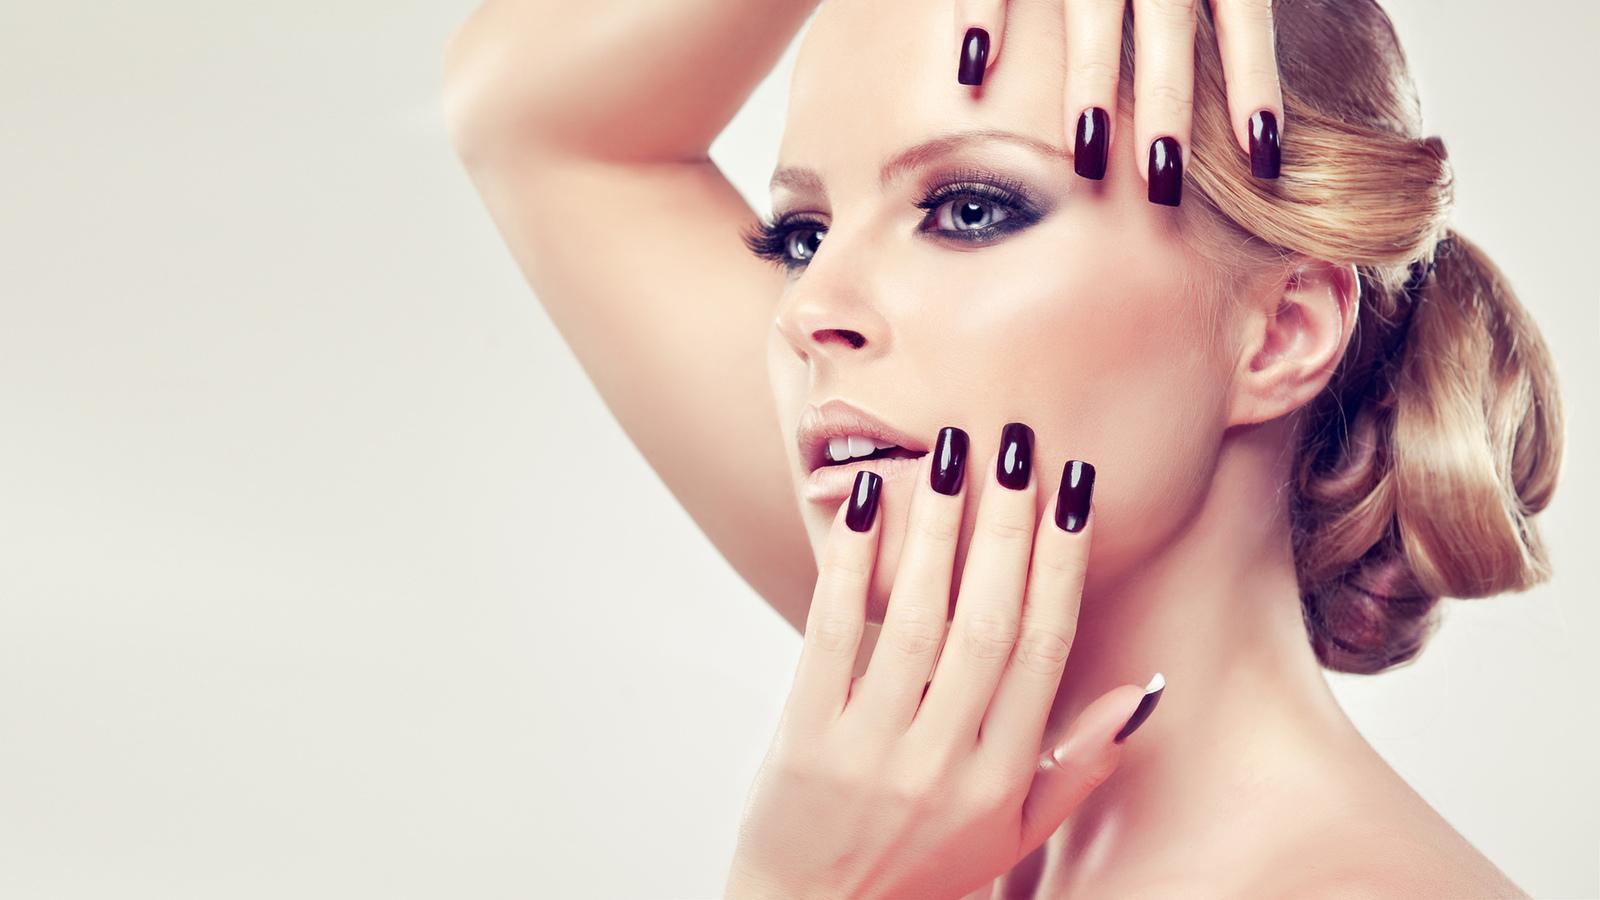 высокое качество, руки, лицо, яркий макияж, маникюр